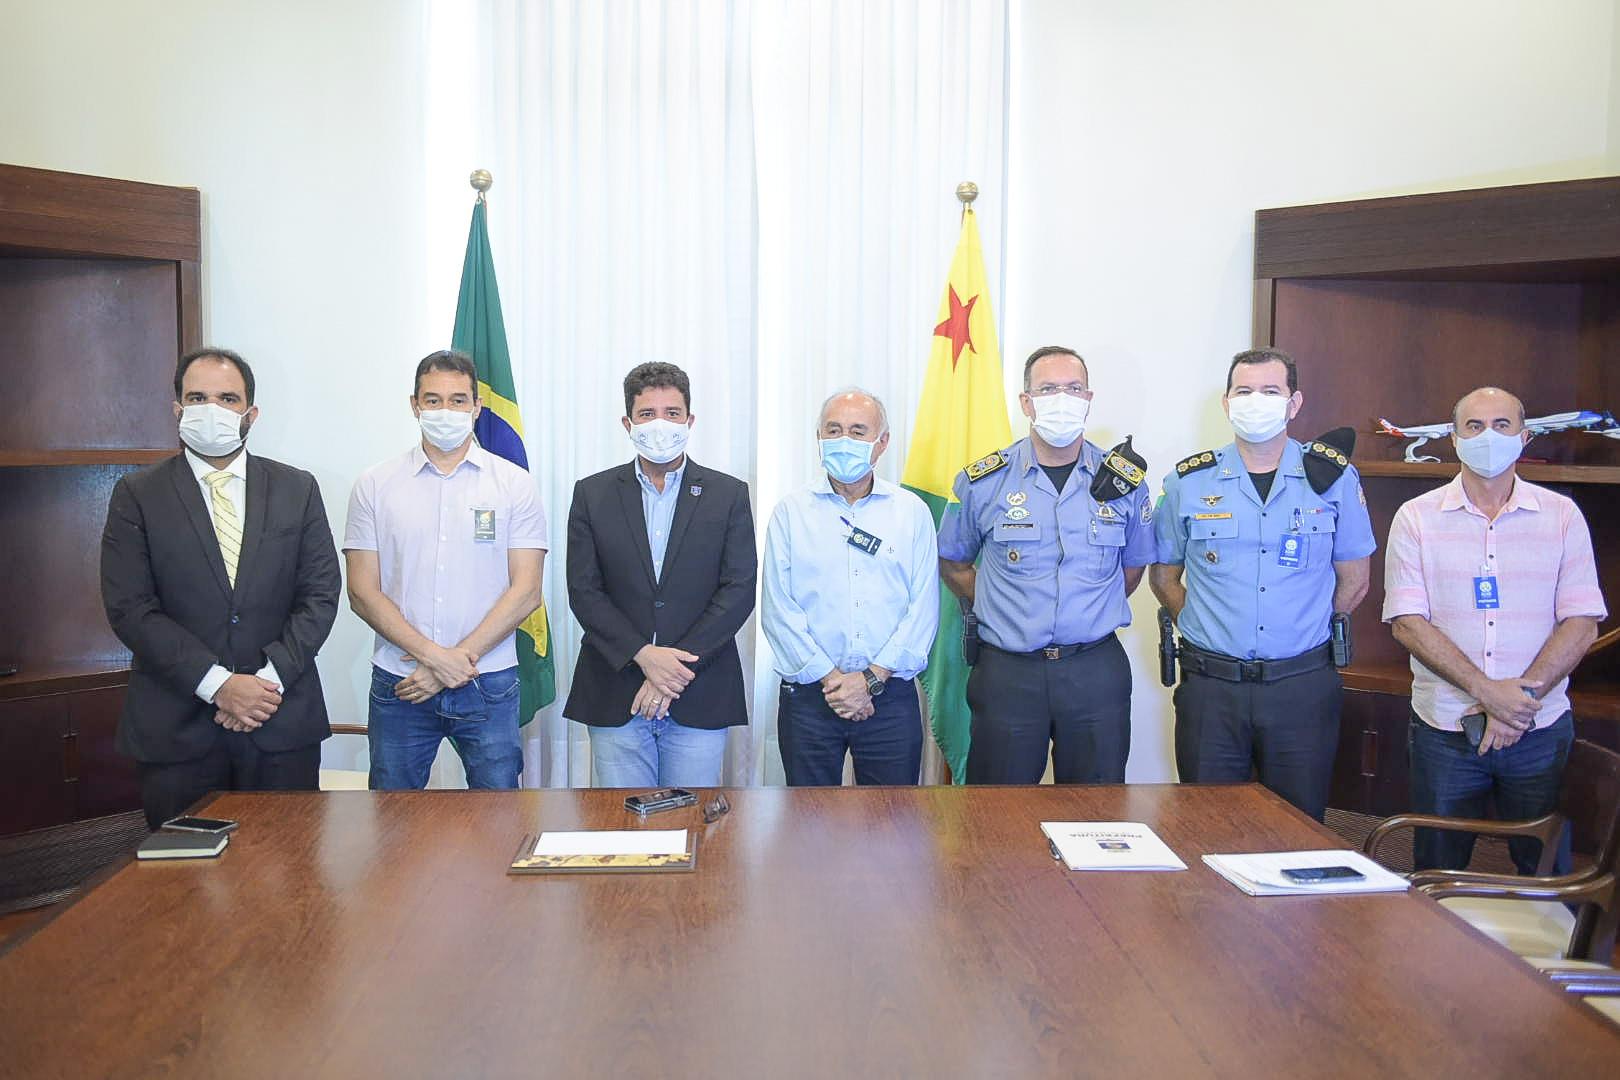 Governo e prefeitura assinam convênio para reforço da segurança em espaços de Rio Branco